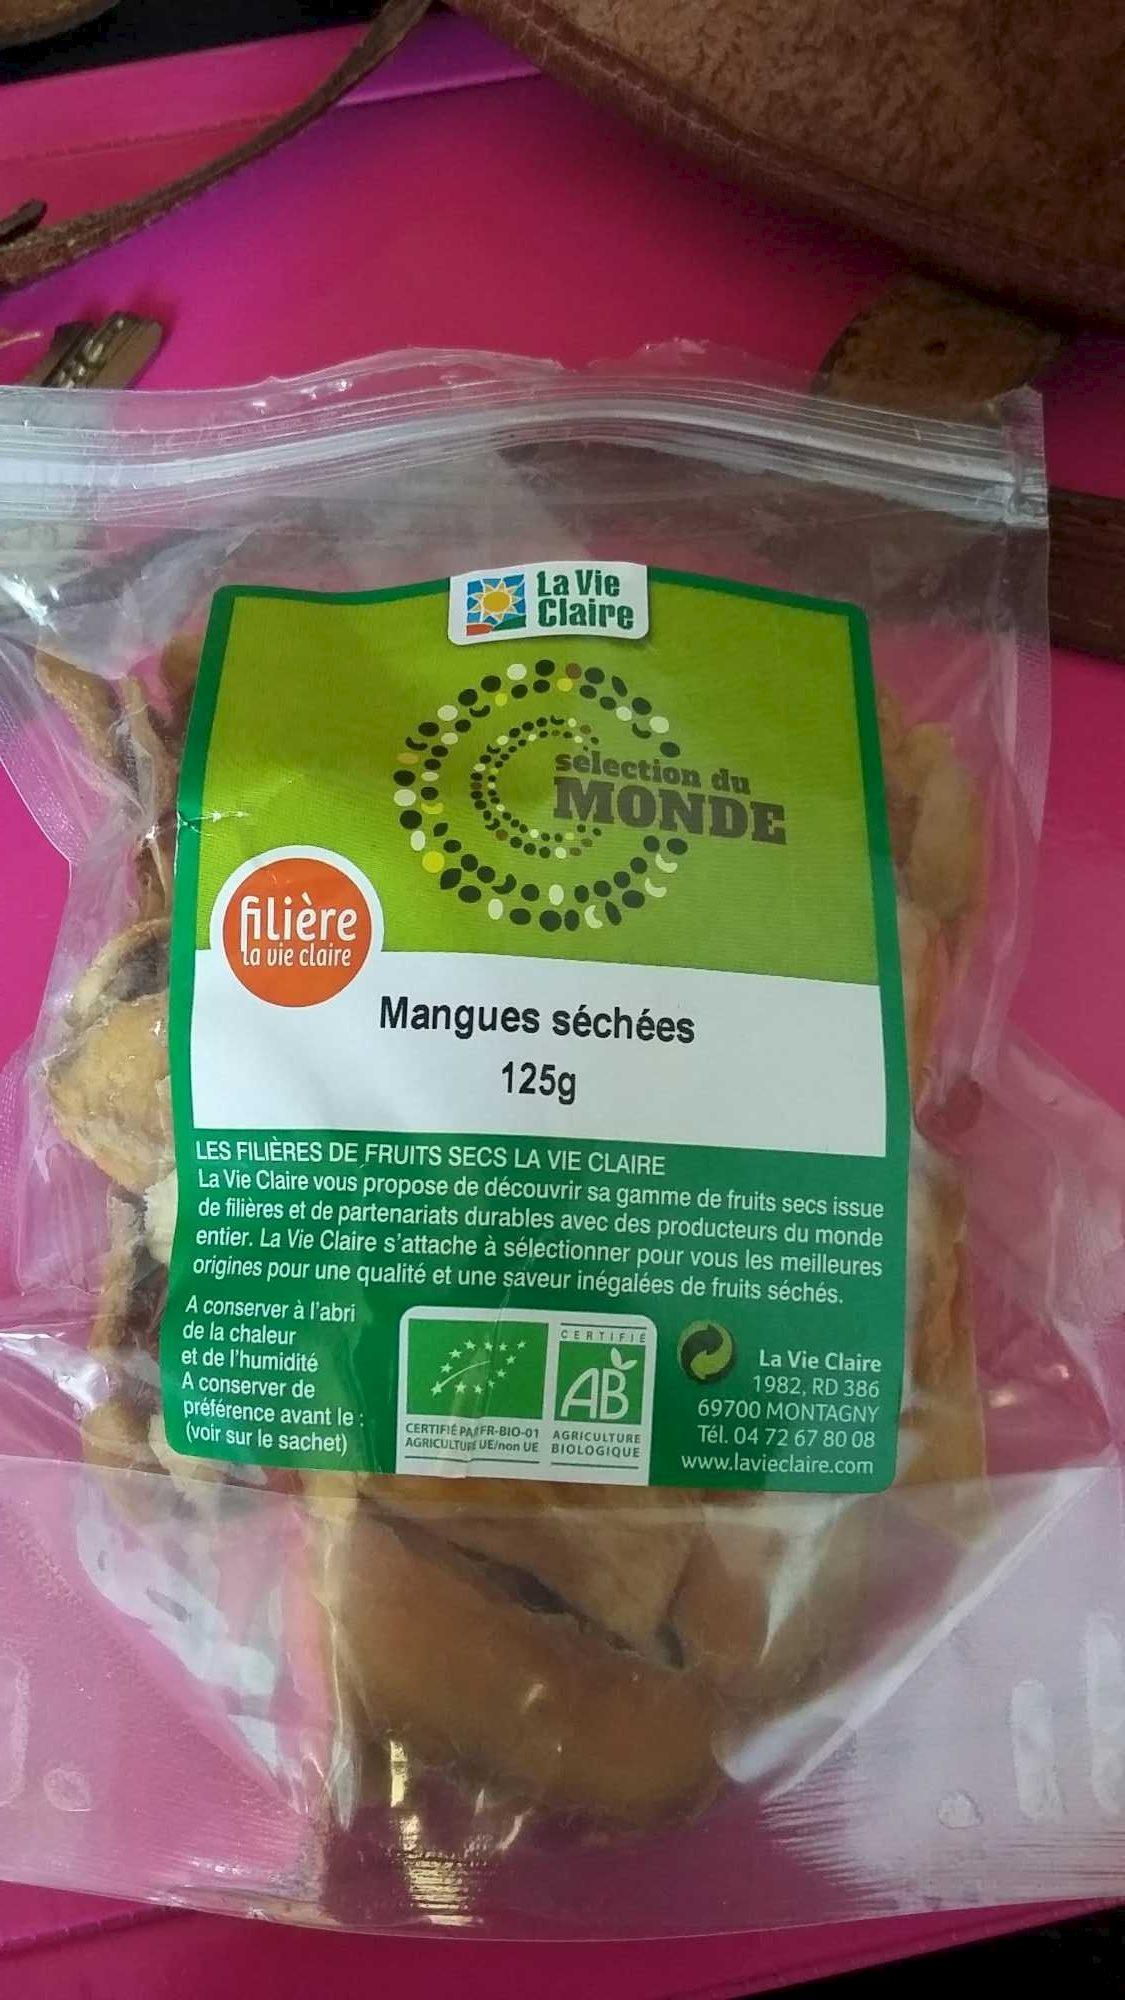 Mangues Séchées - Product